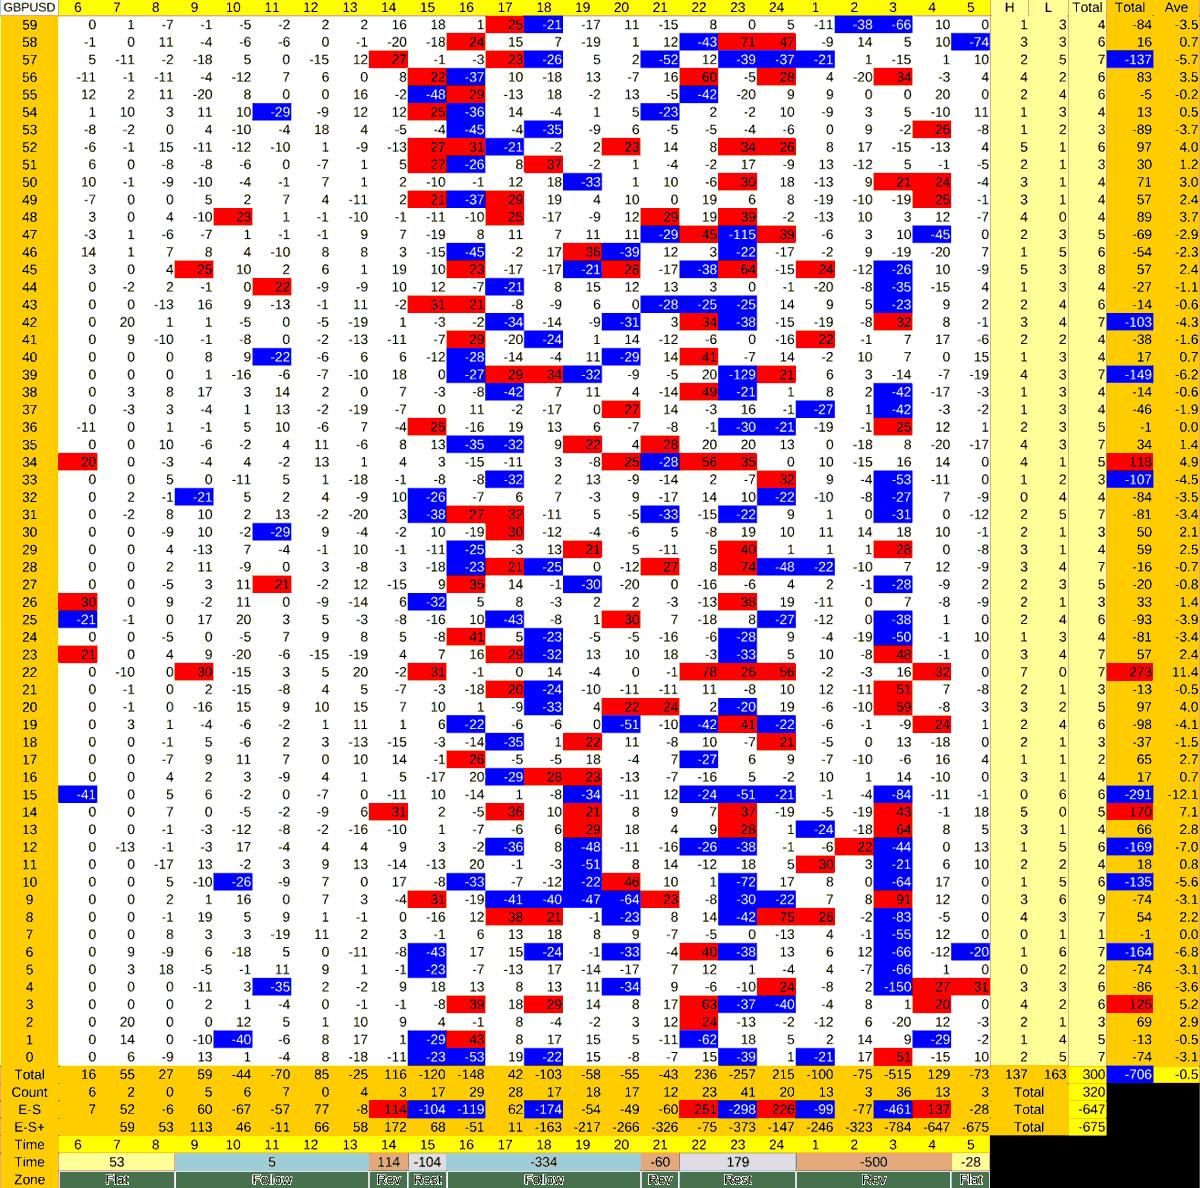 20210519_HS(2)GBPUSD